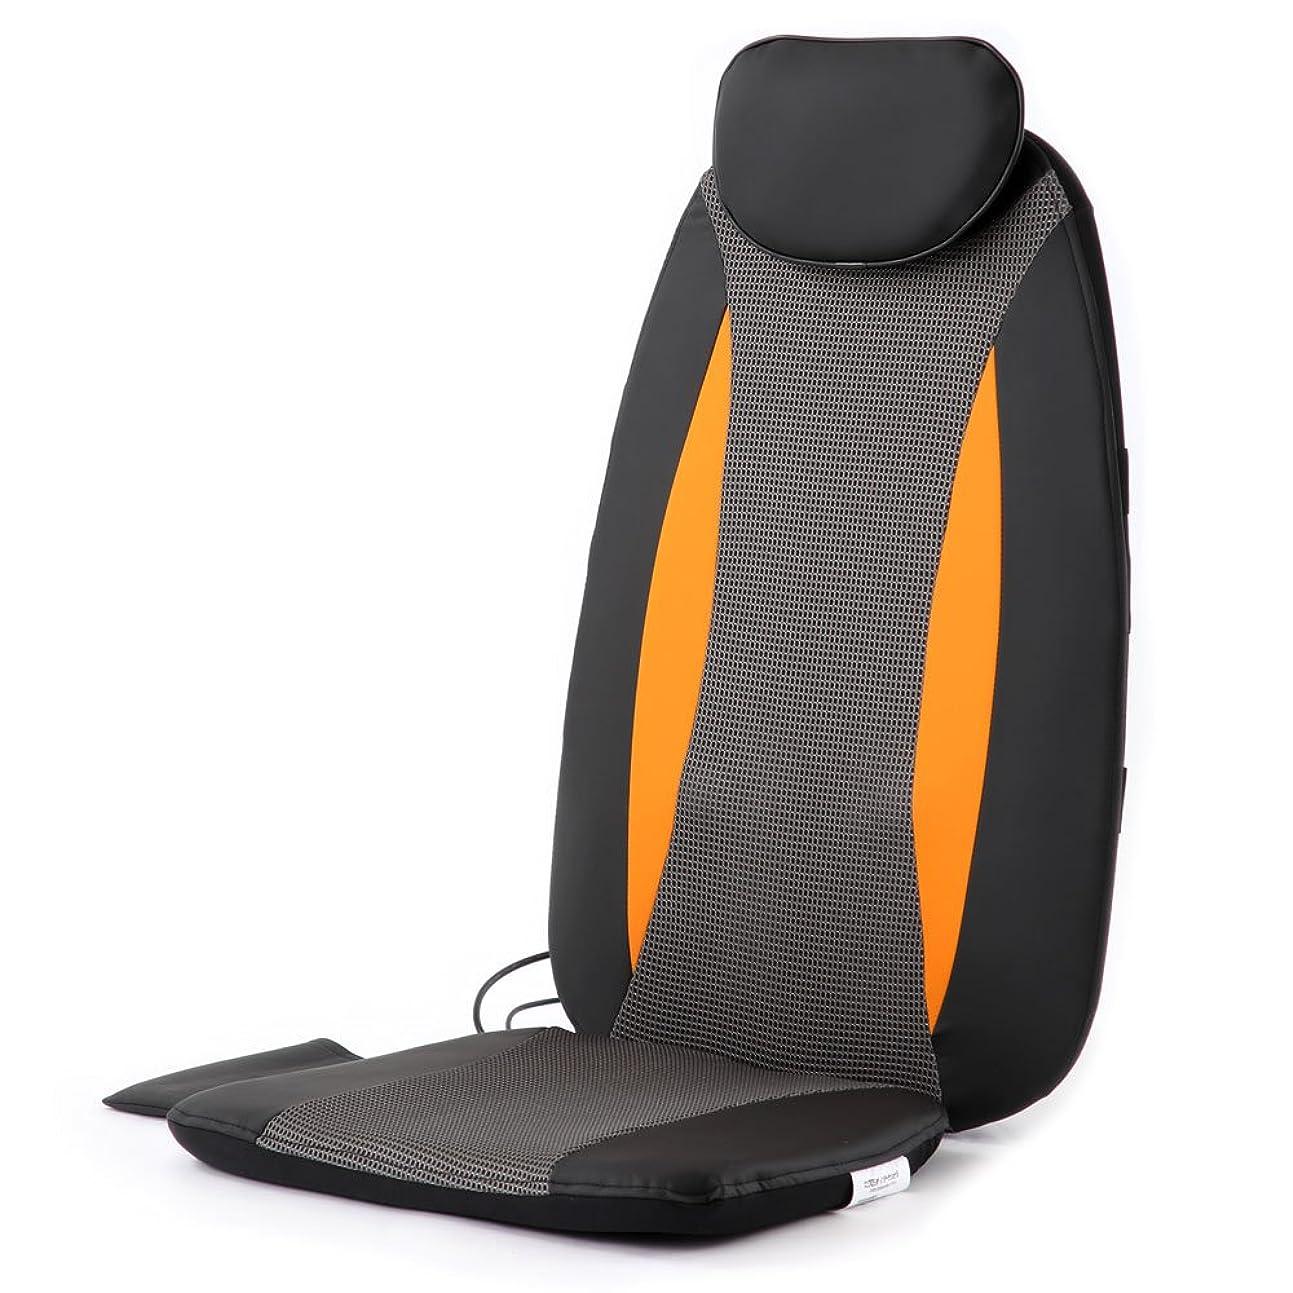 祝う不確実バーチャルぼん家具 マッサージチェア 椅子に置くだけ マッサージ器 タイマー付き 折りたたみ式 持ち運び可能 シートマッサージャー